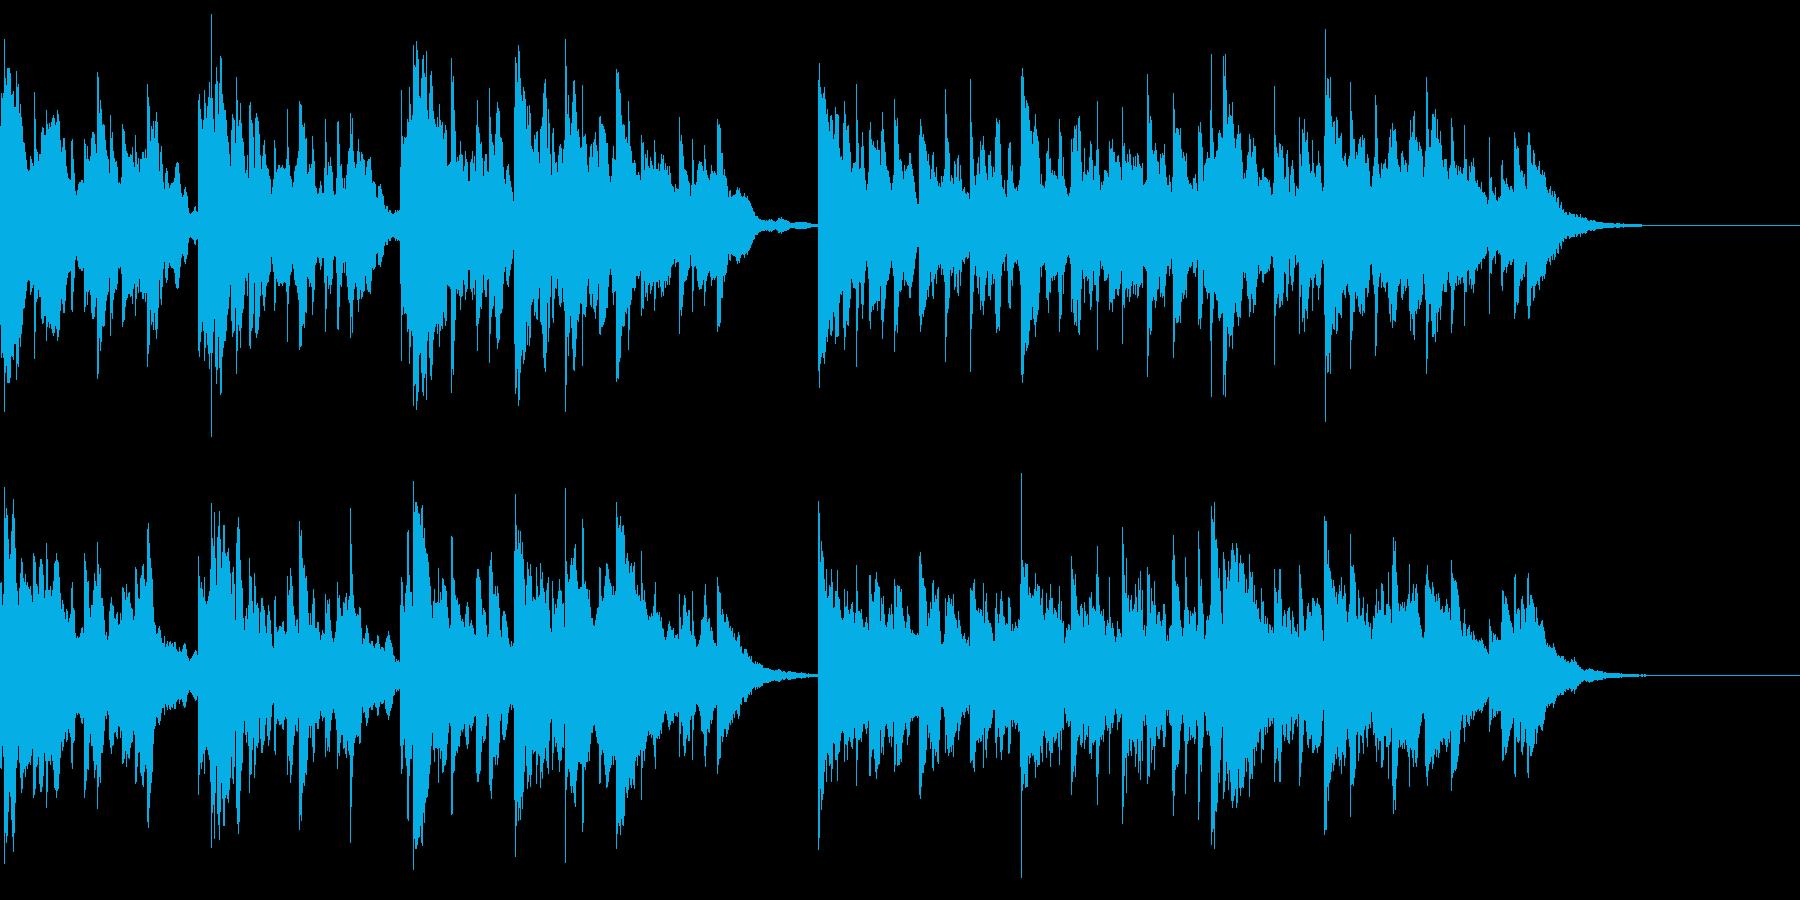 動画のBGM用に作成した小曲です。の再生済みの波形